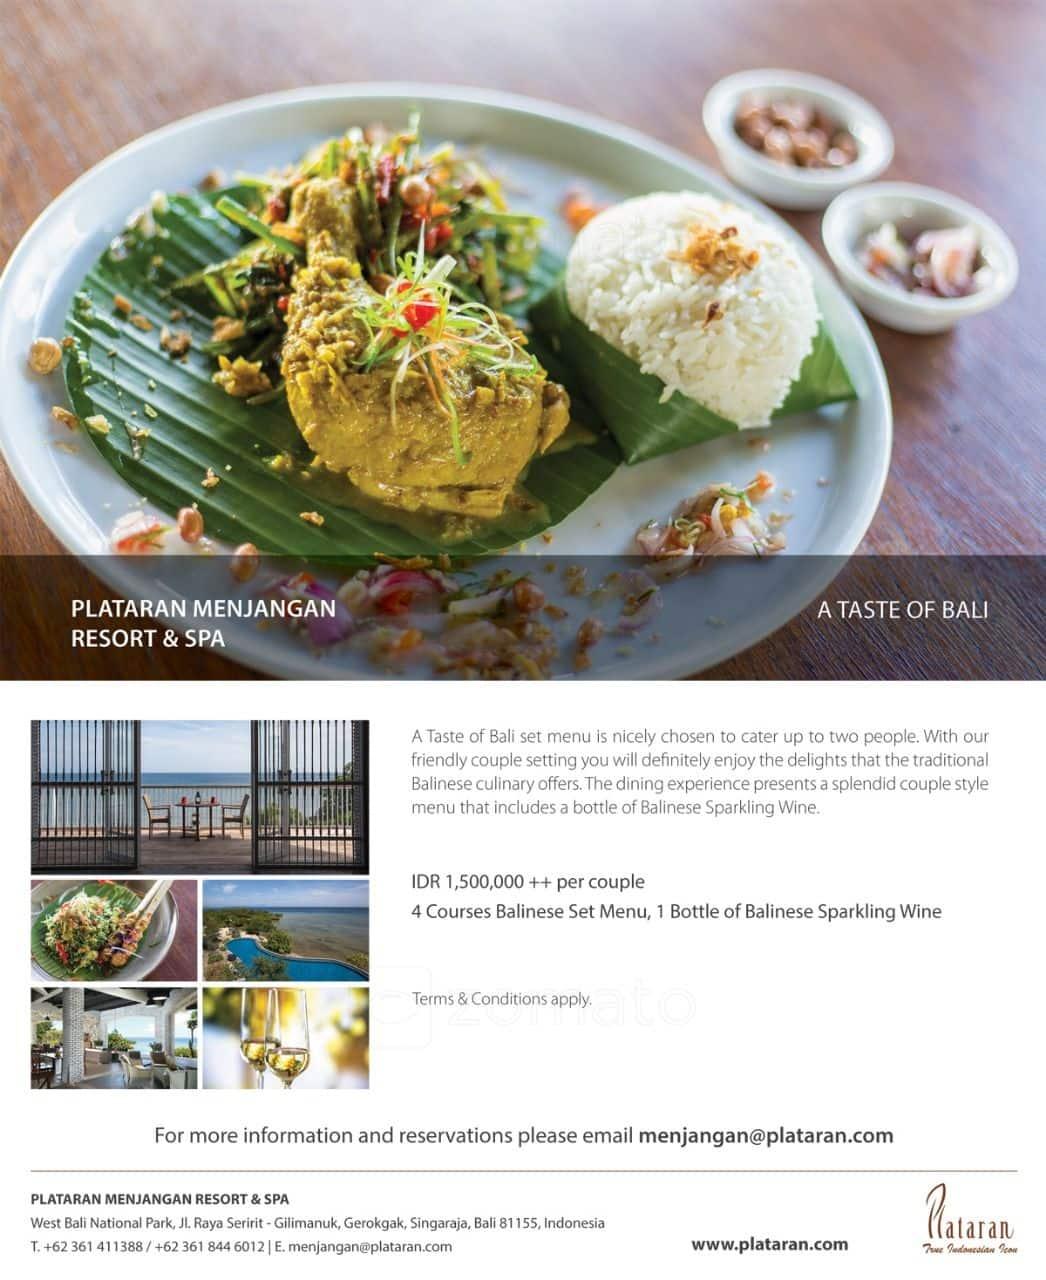 The Octagon Ocean Club - Plataran Menjangan, Pemuteran, Bali